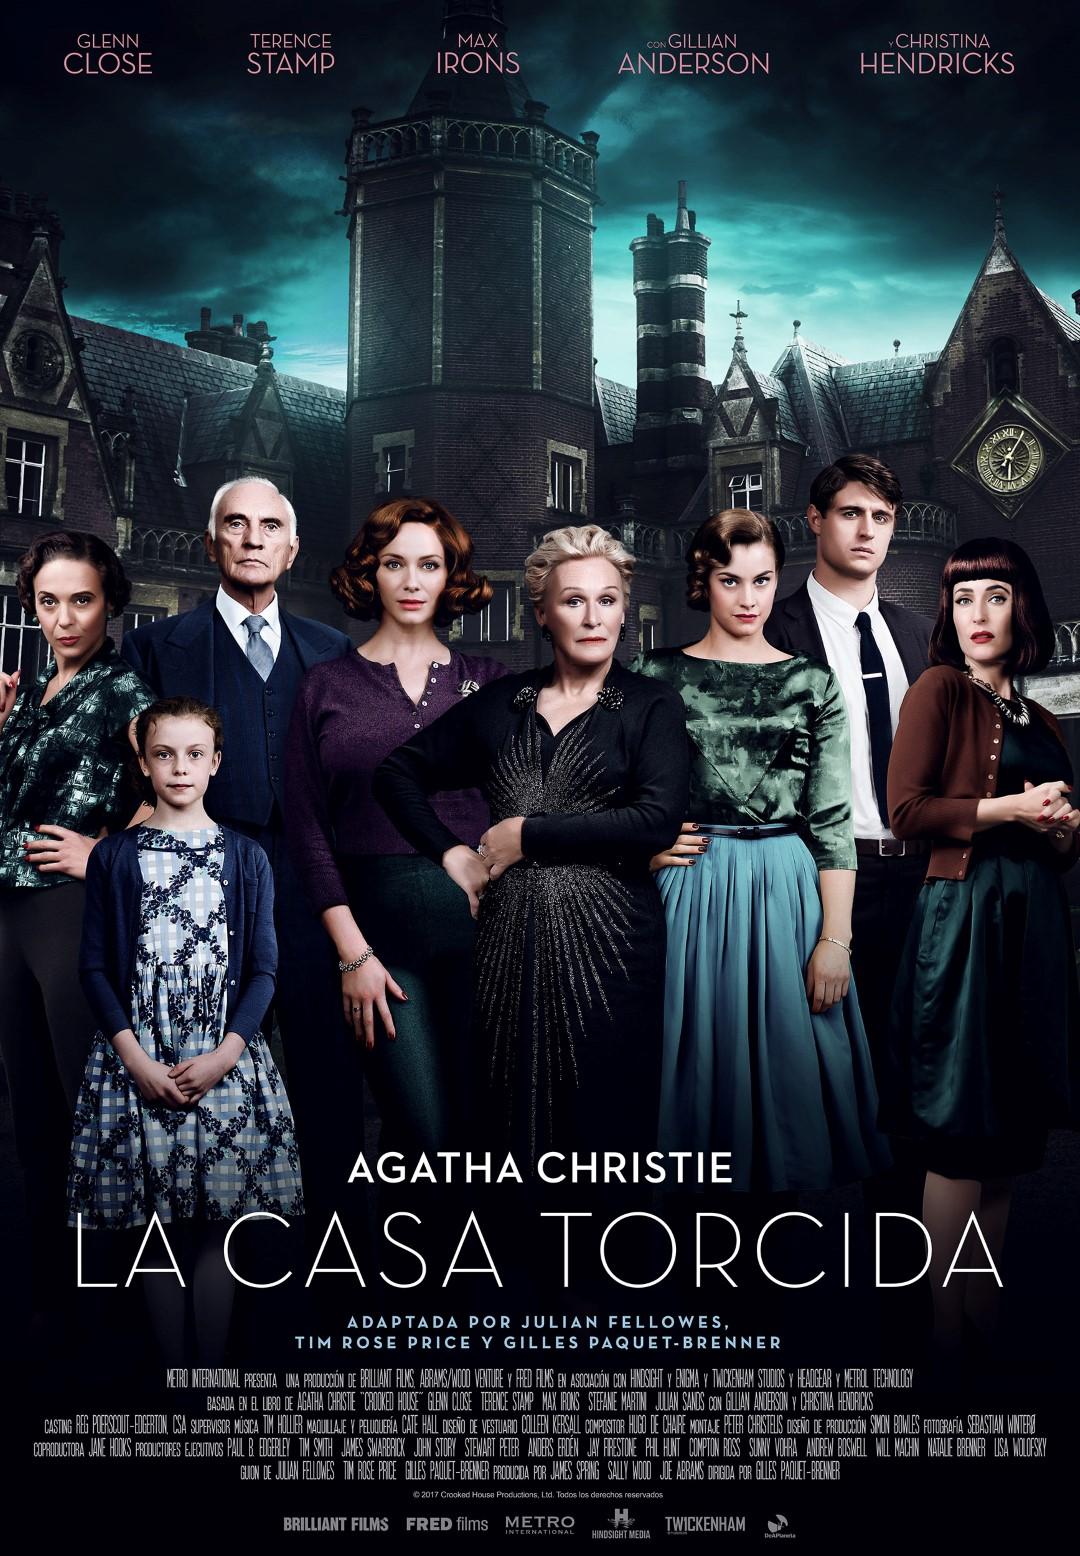 'La casa torcida': Tráiler y póster del thriller basado en la novela de Agatha Christie